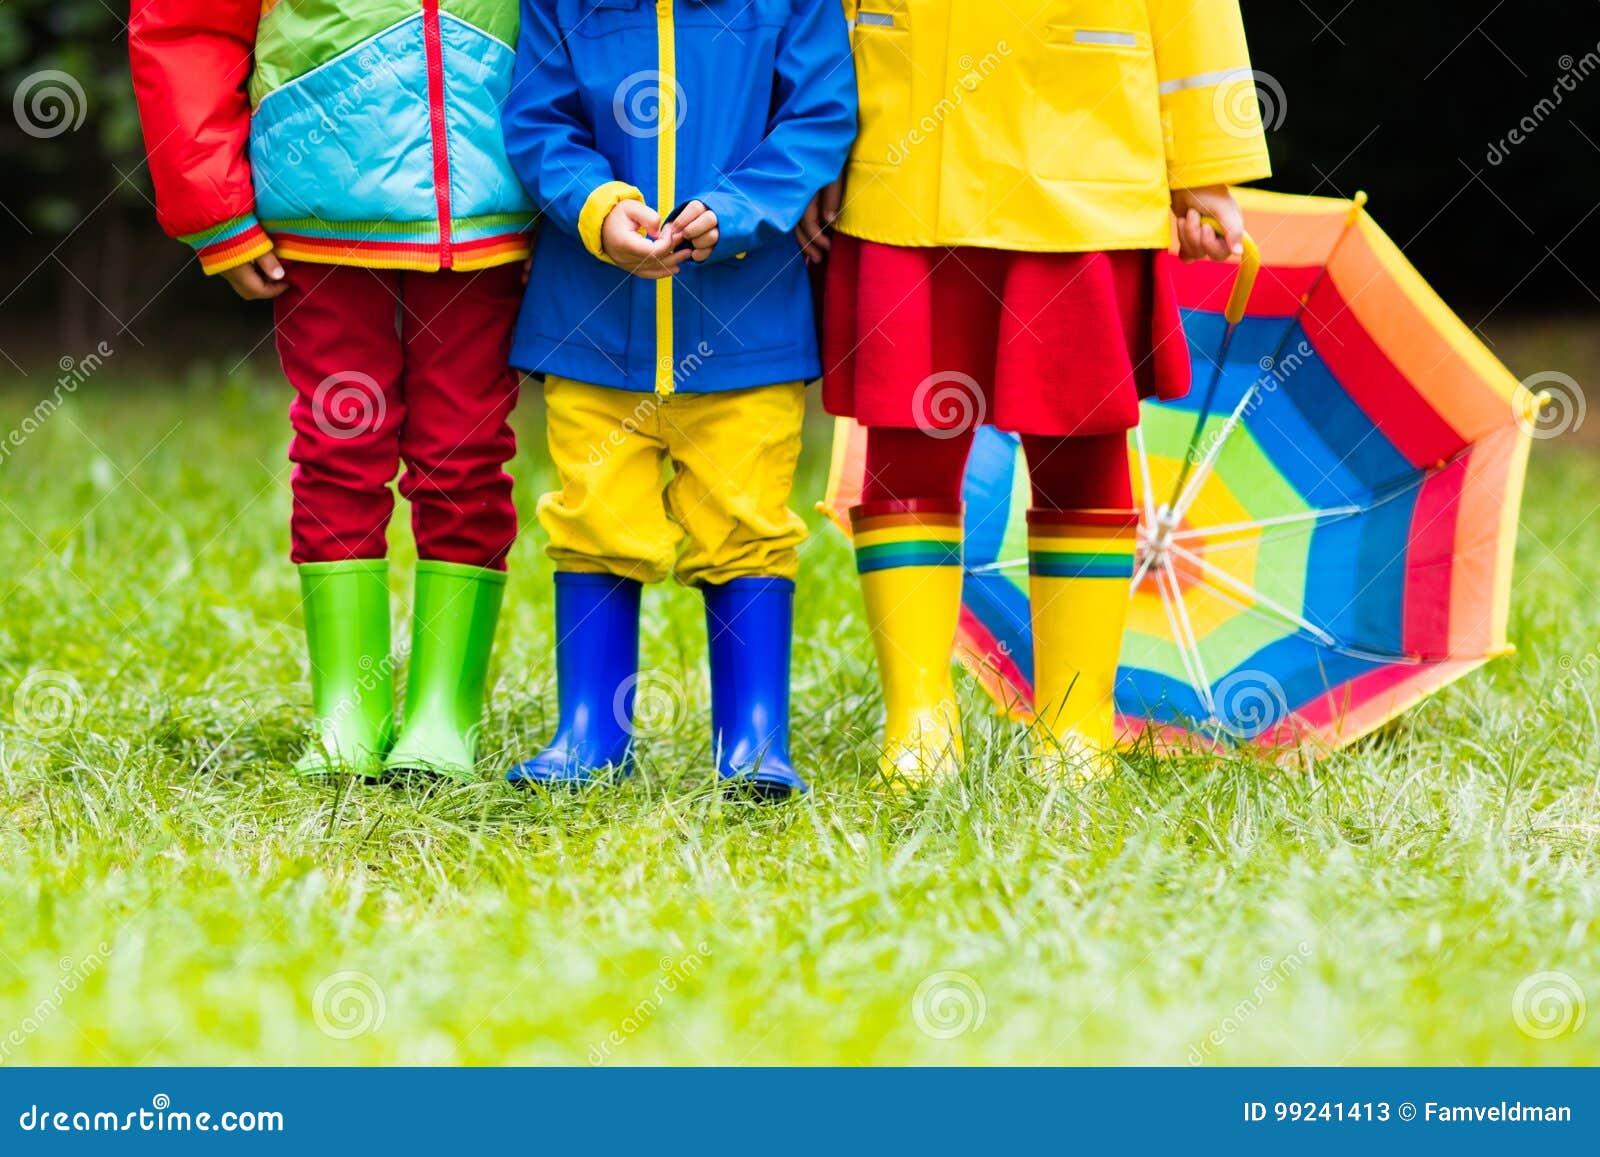 Pluie Bottes De Gaines En Enfants Pour Des Dans Caoutchouc xerQdBoCW